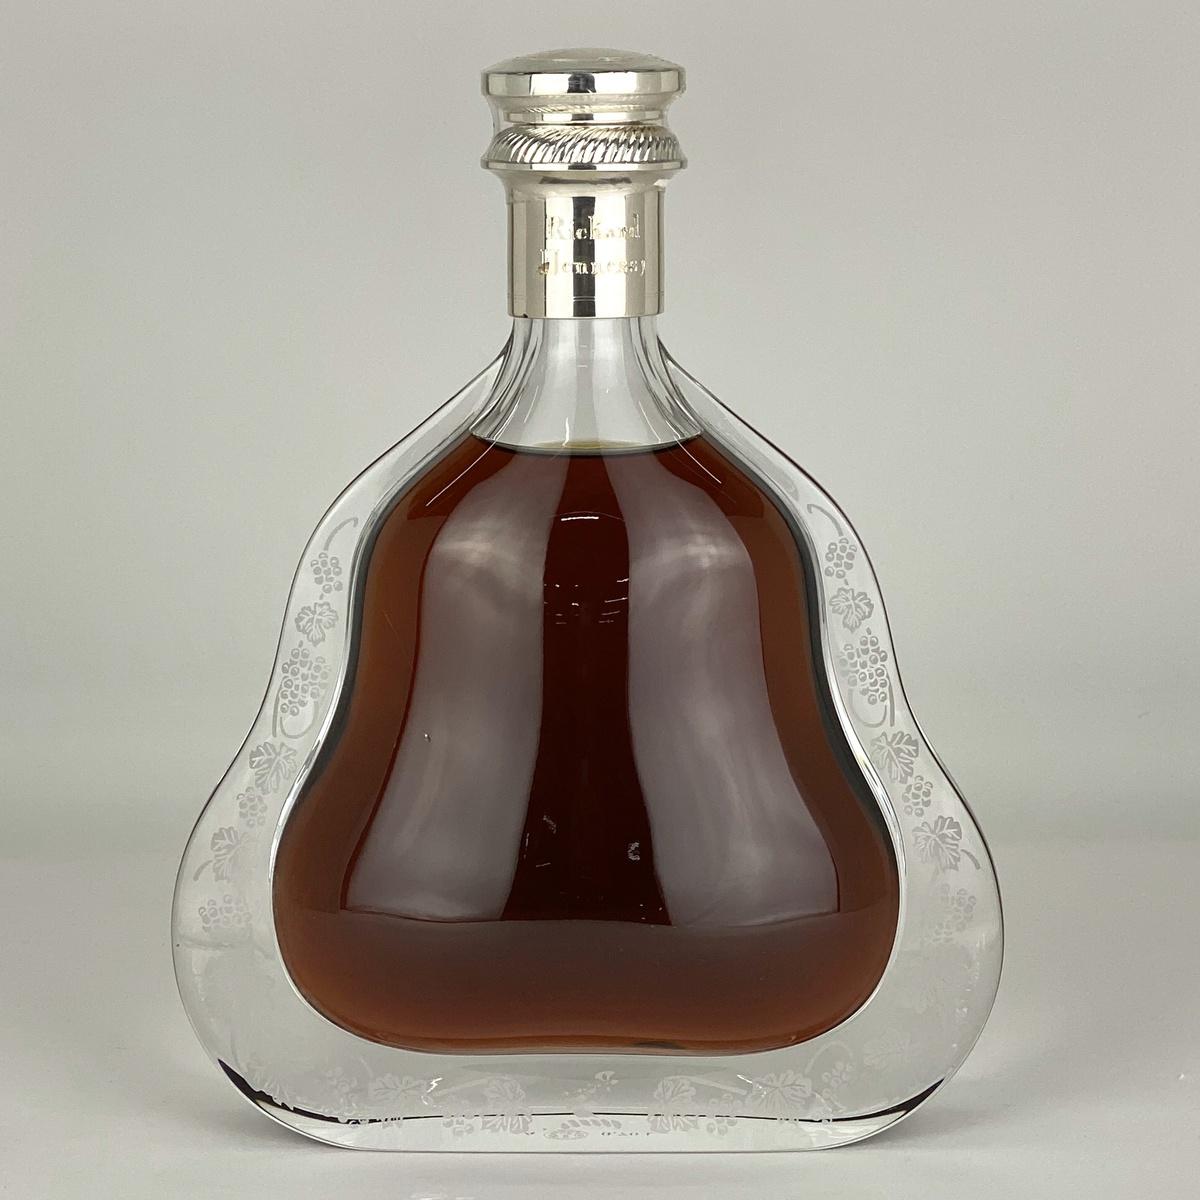 ヘネシー Hennessy リシャール 旧ボトル 700ml ブランデー コニャック 【古酒】